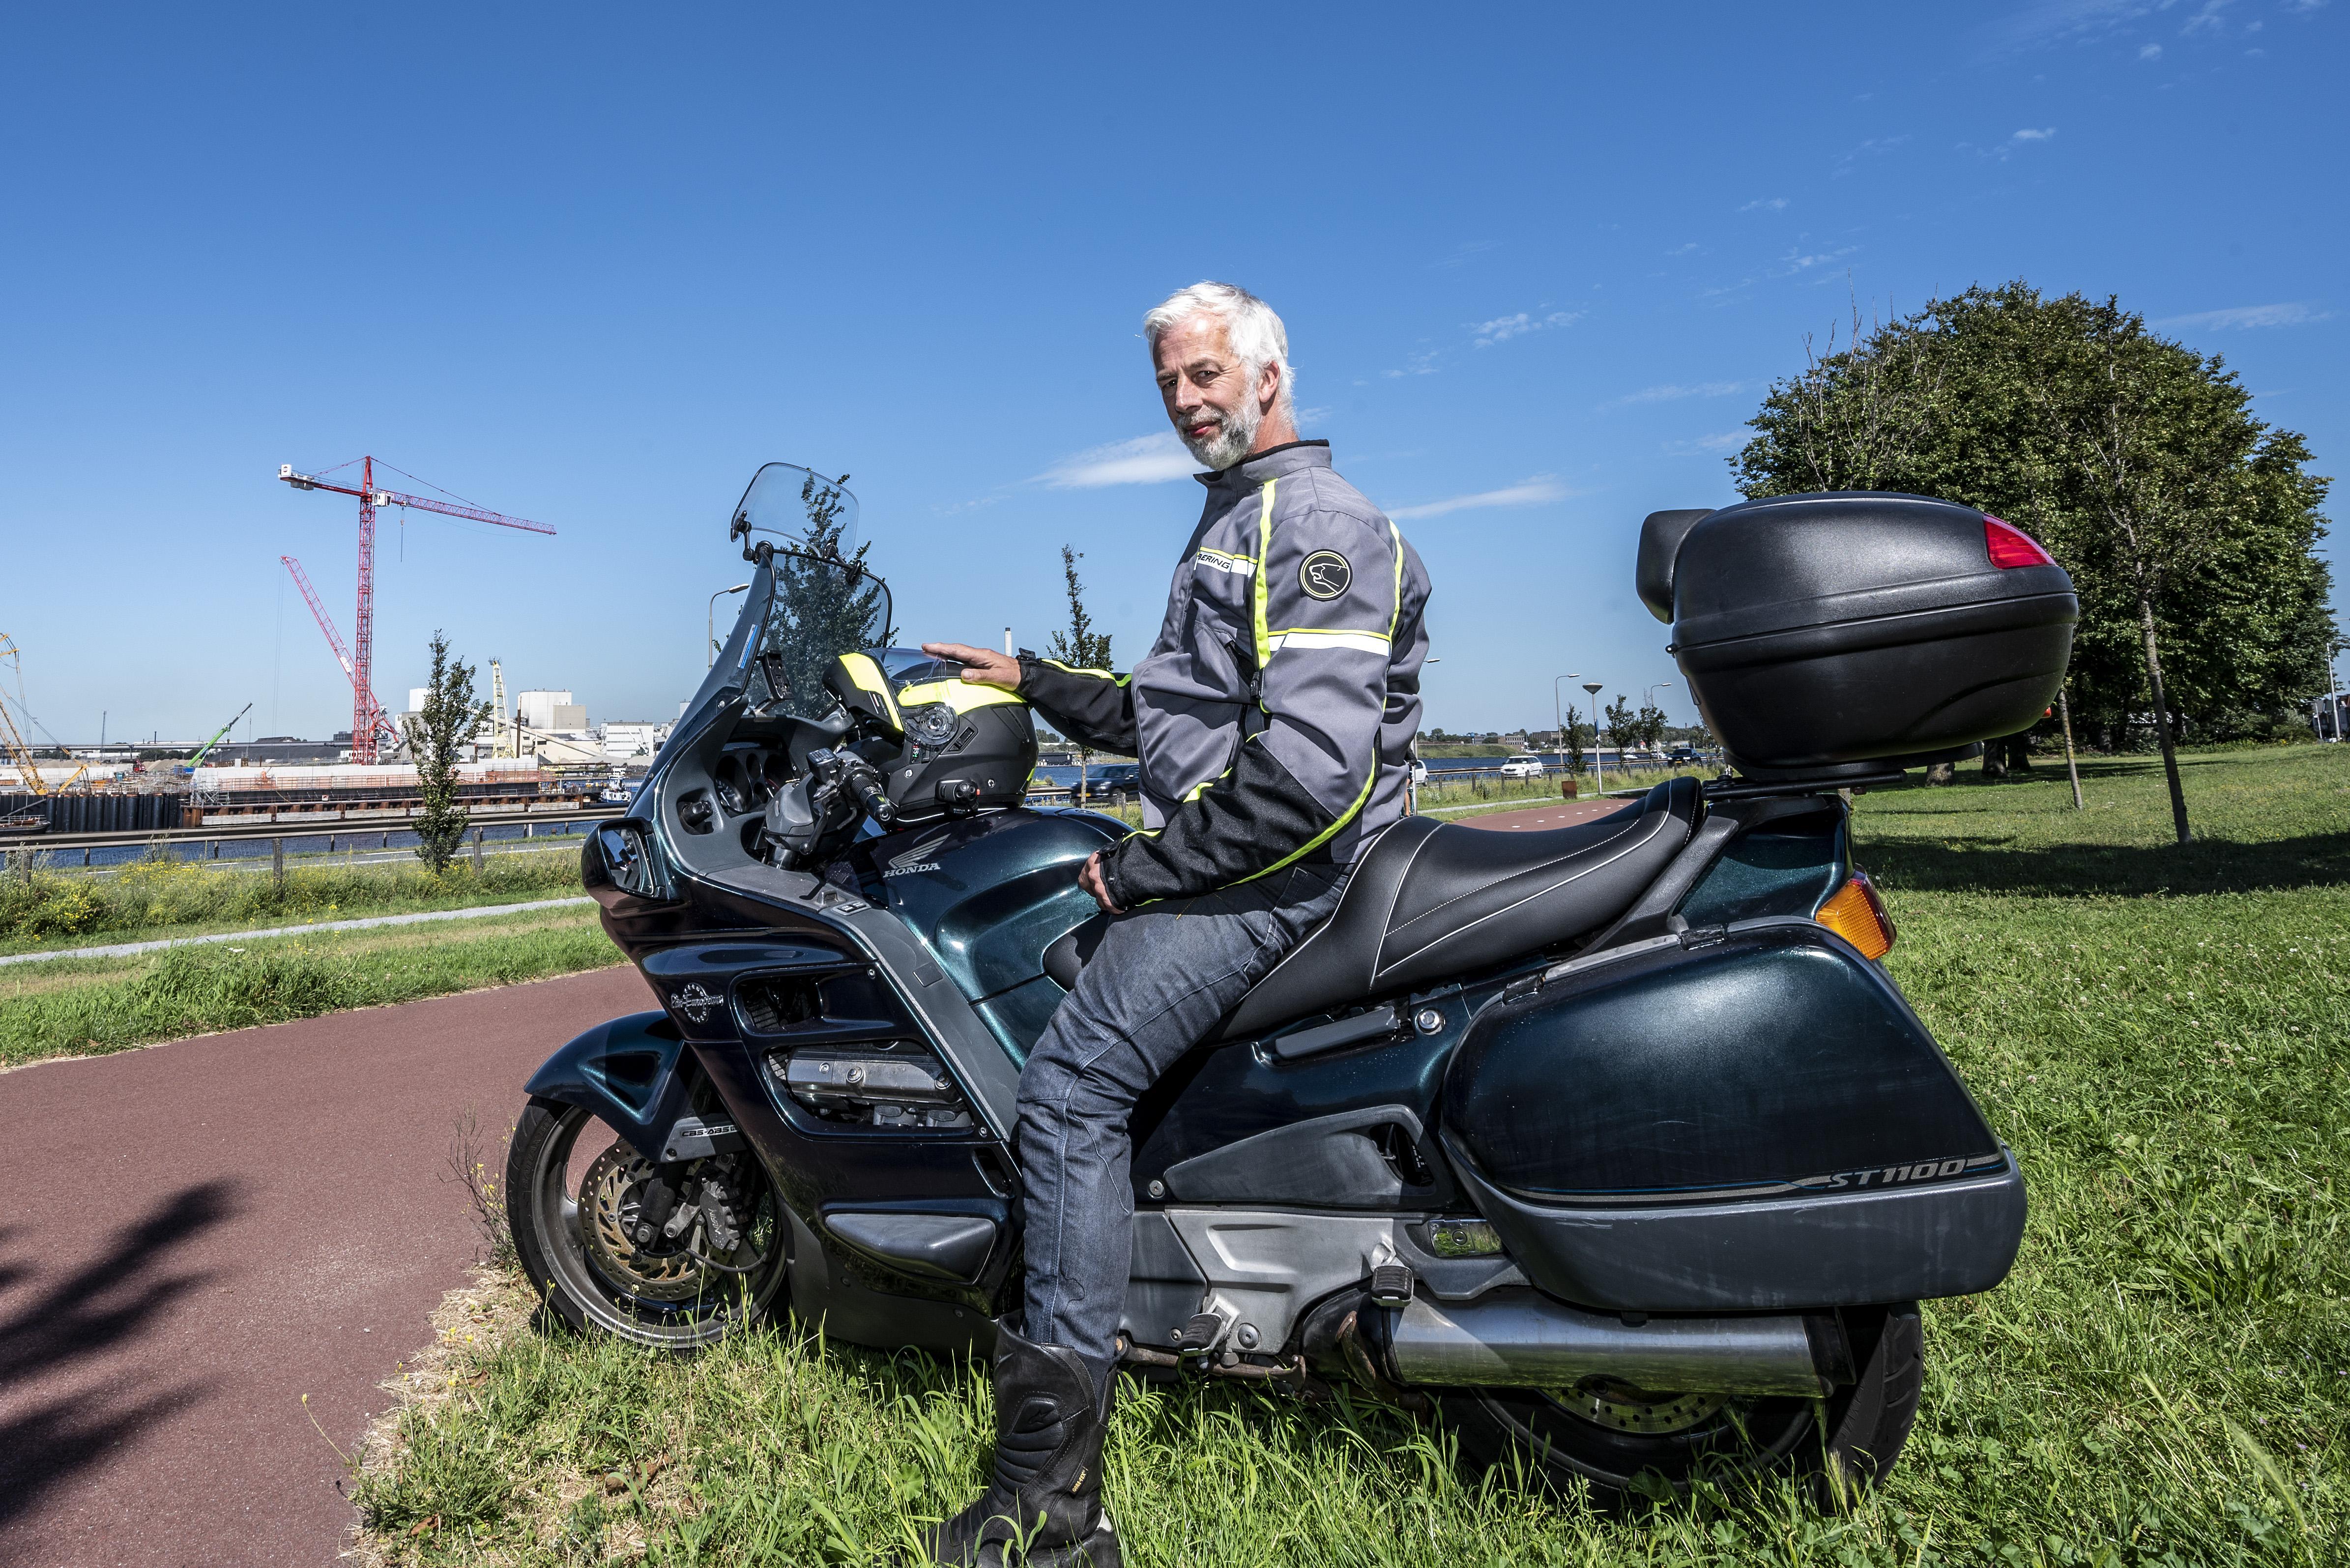 Vijf steden claimen 'midden van Europa' te zijn. IJmuidenaar Edwin rijdt ruim vierduizend kilometer op zoek naar het middelpunt van Europa